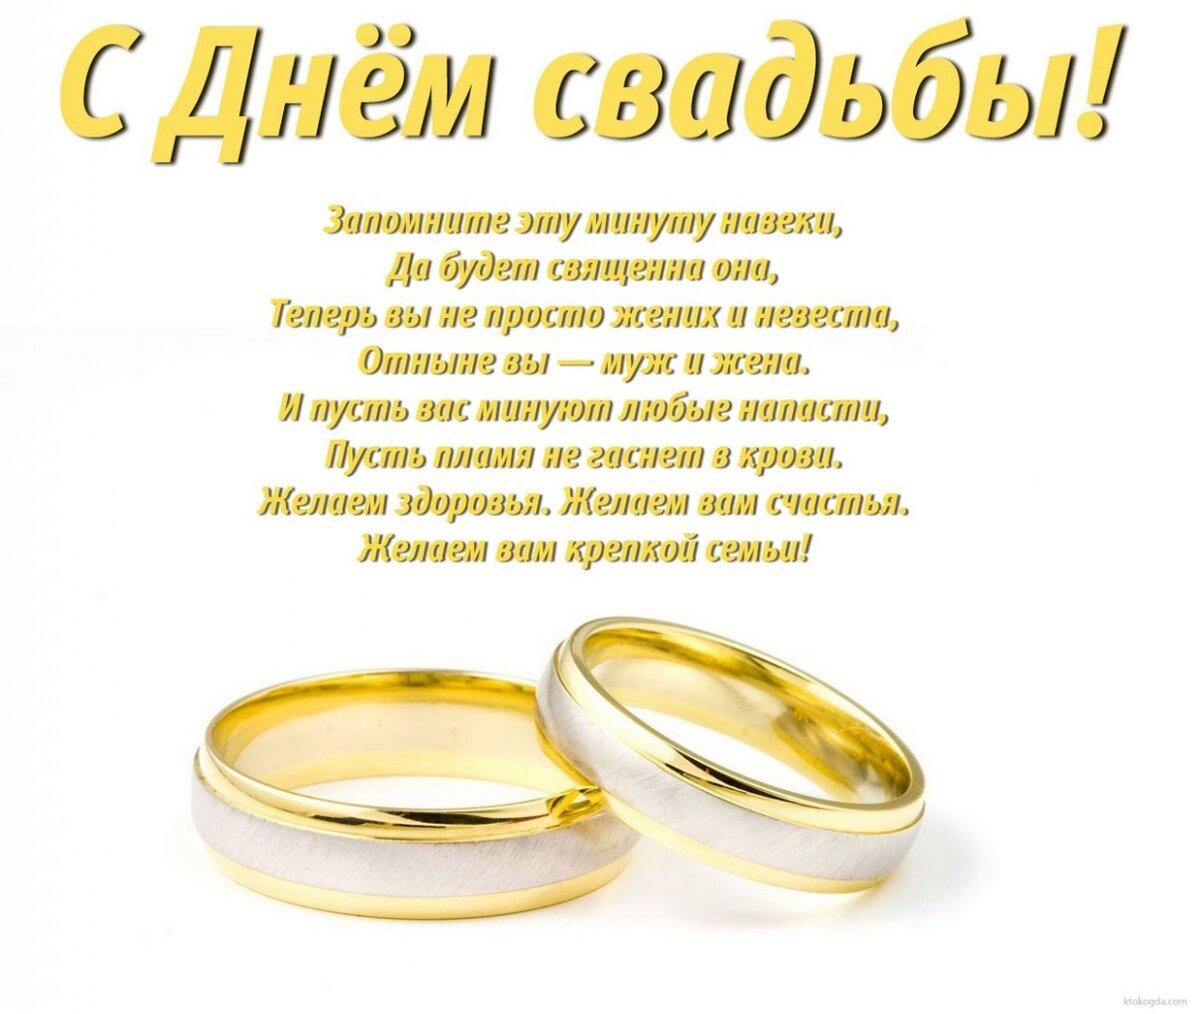 Самые красивые открытки ко дню свадьбы